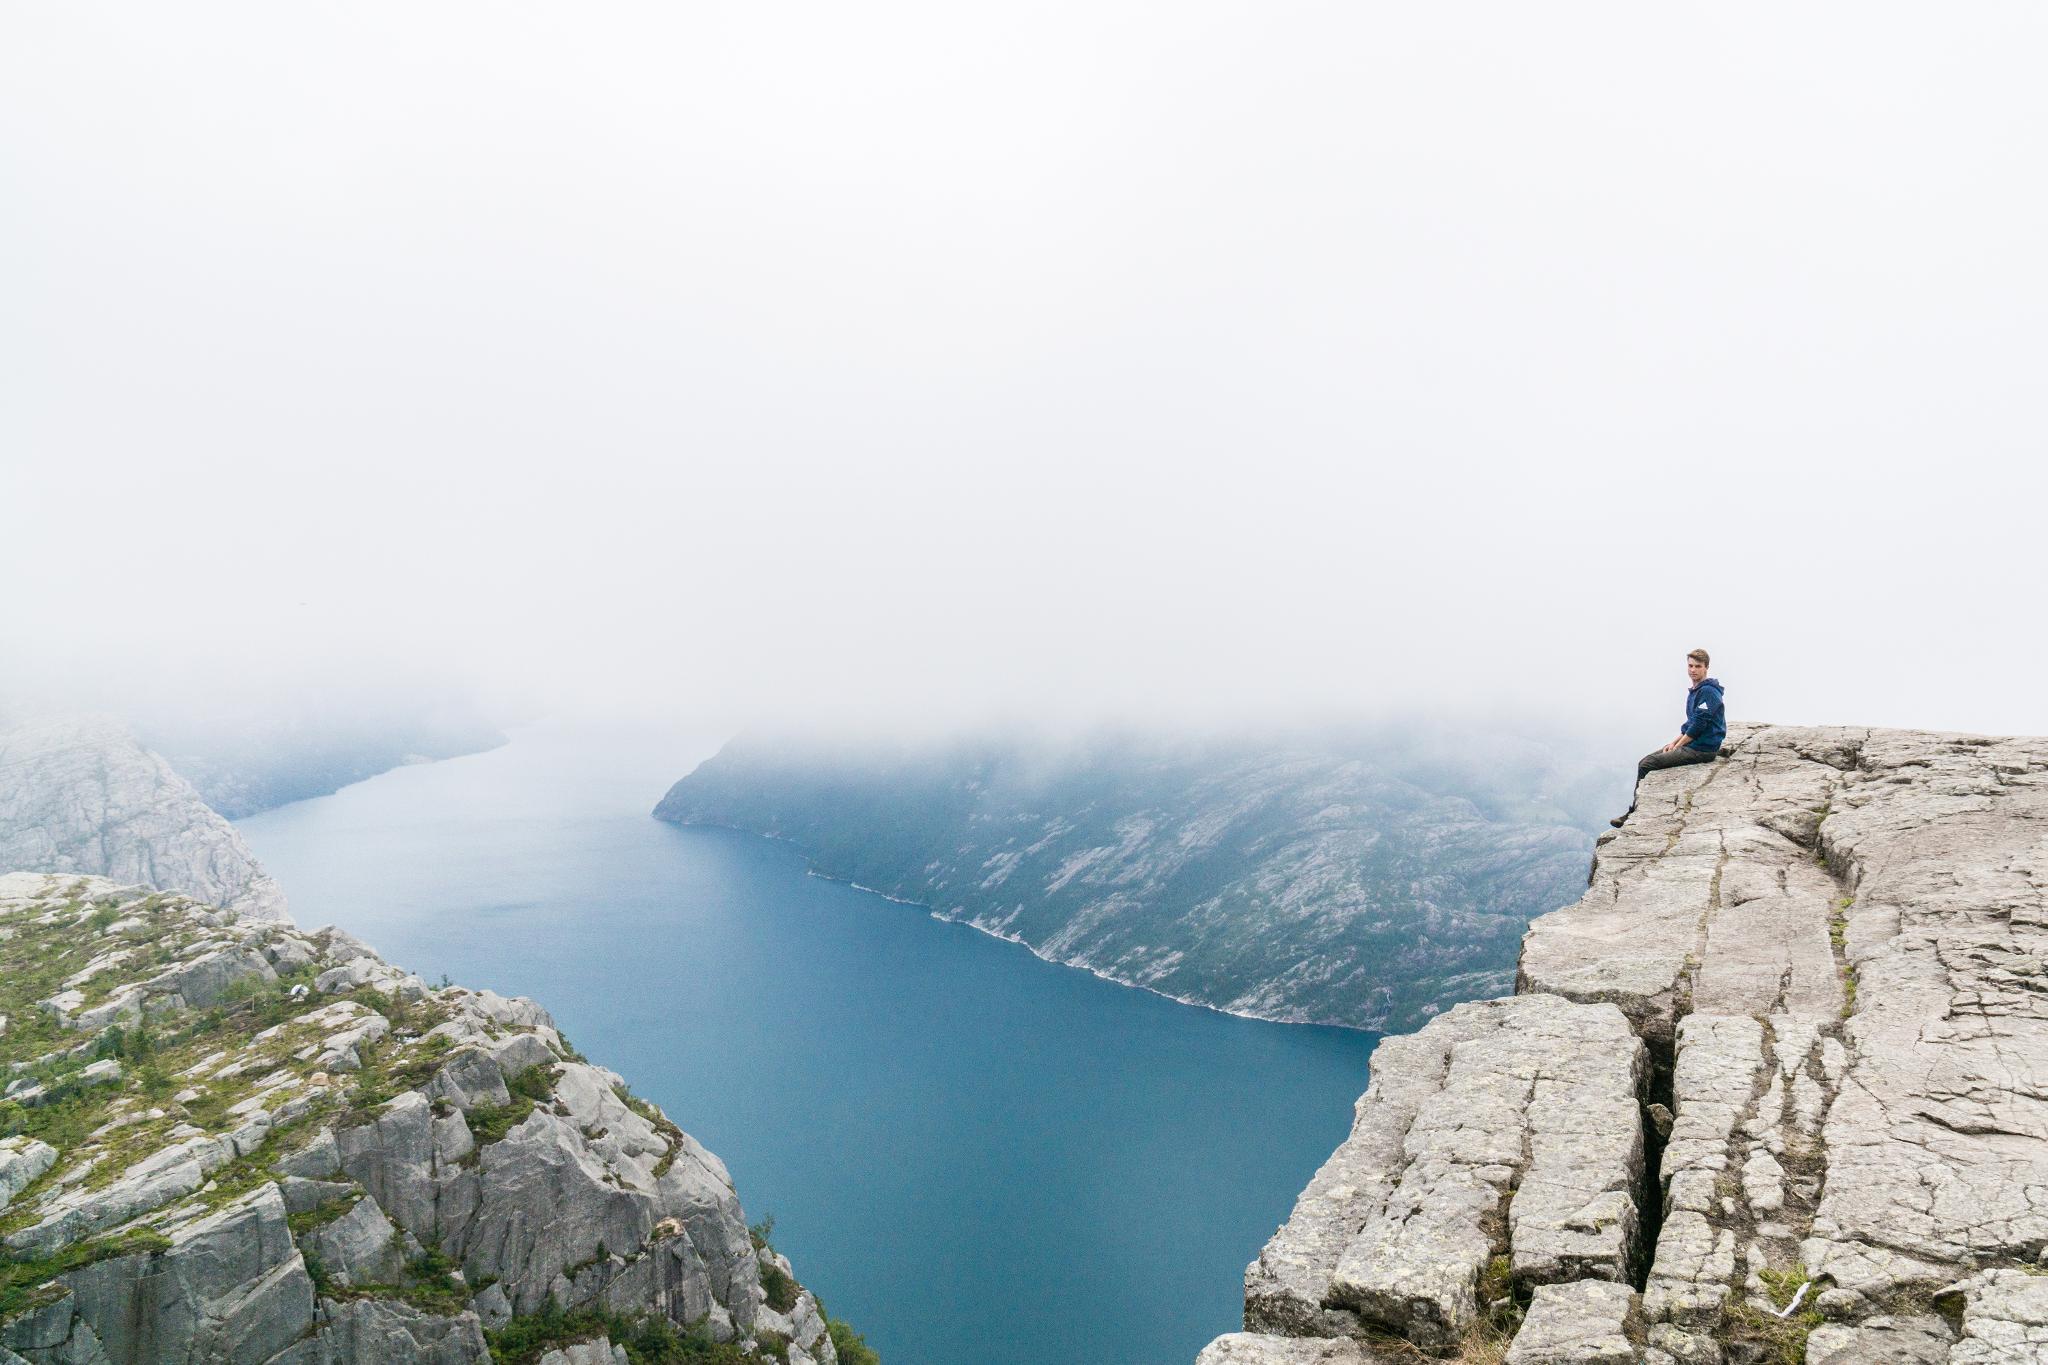 【北歐景點】朝聖挪威三大奇岩:聖壇岩Preikestolen健行紀錄 26